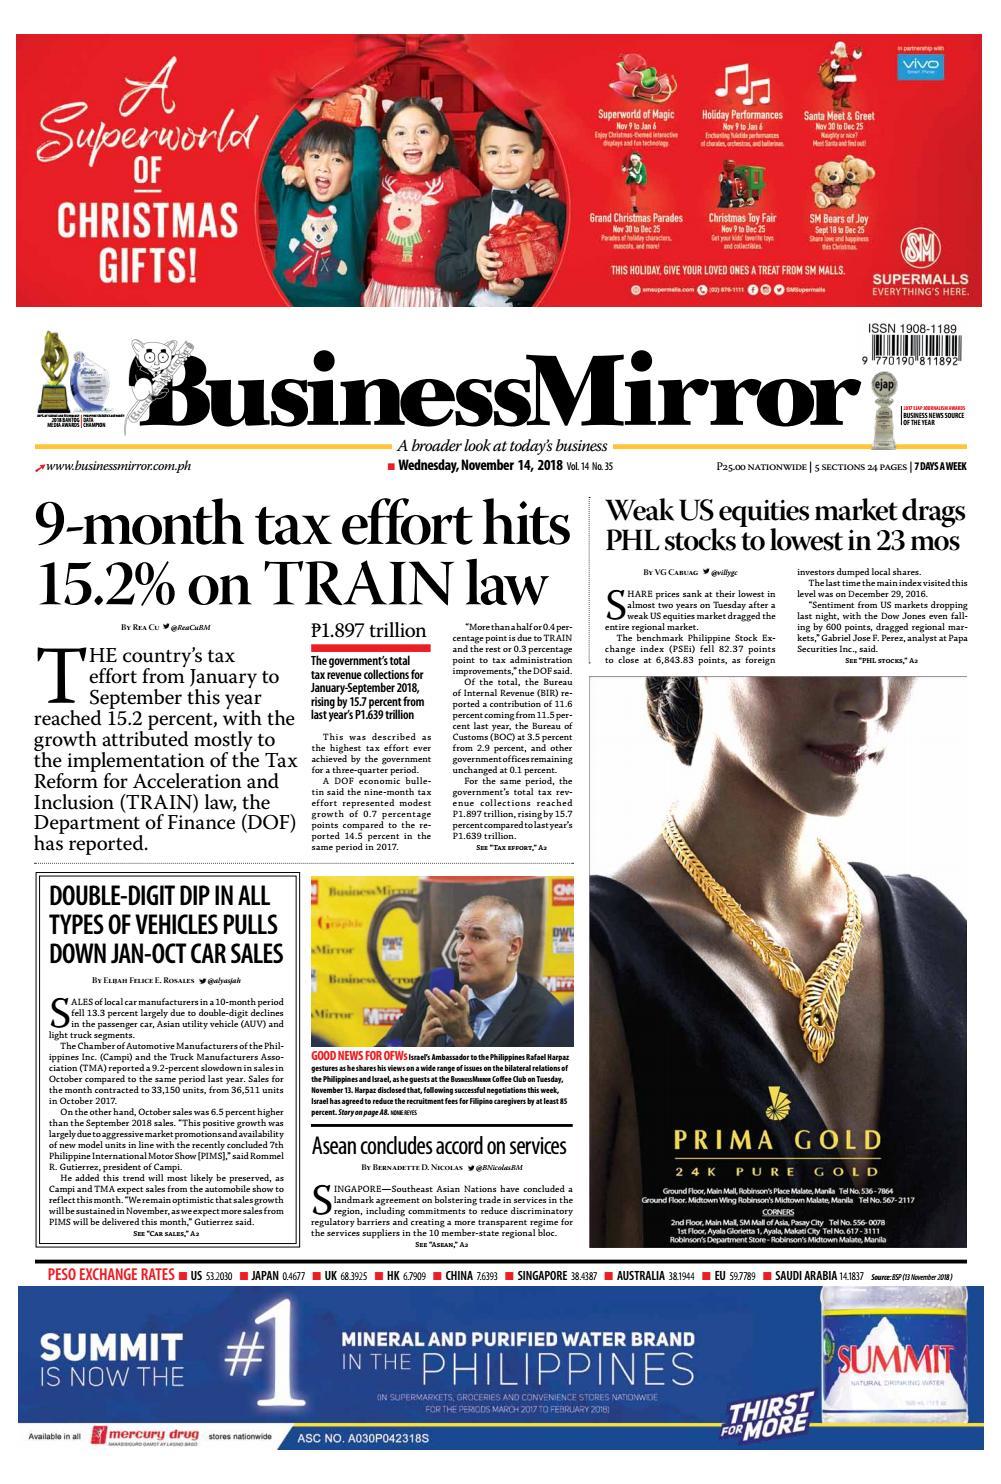 BusinessMirror November 14, 2018 by BusinessMirror - issuu